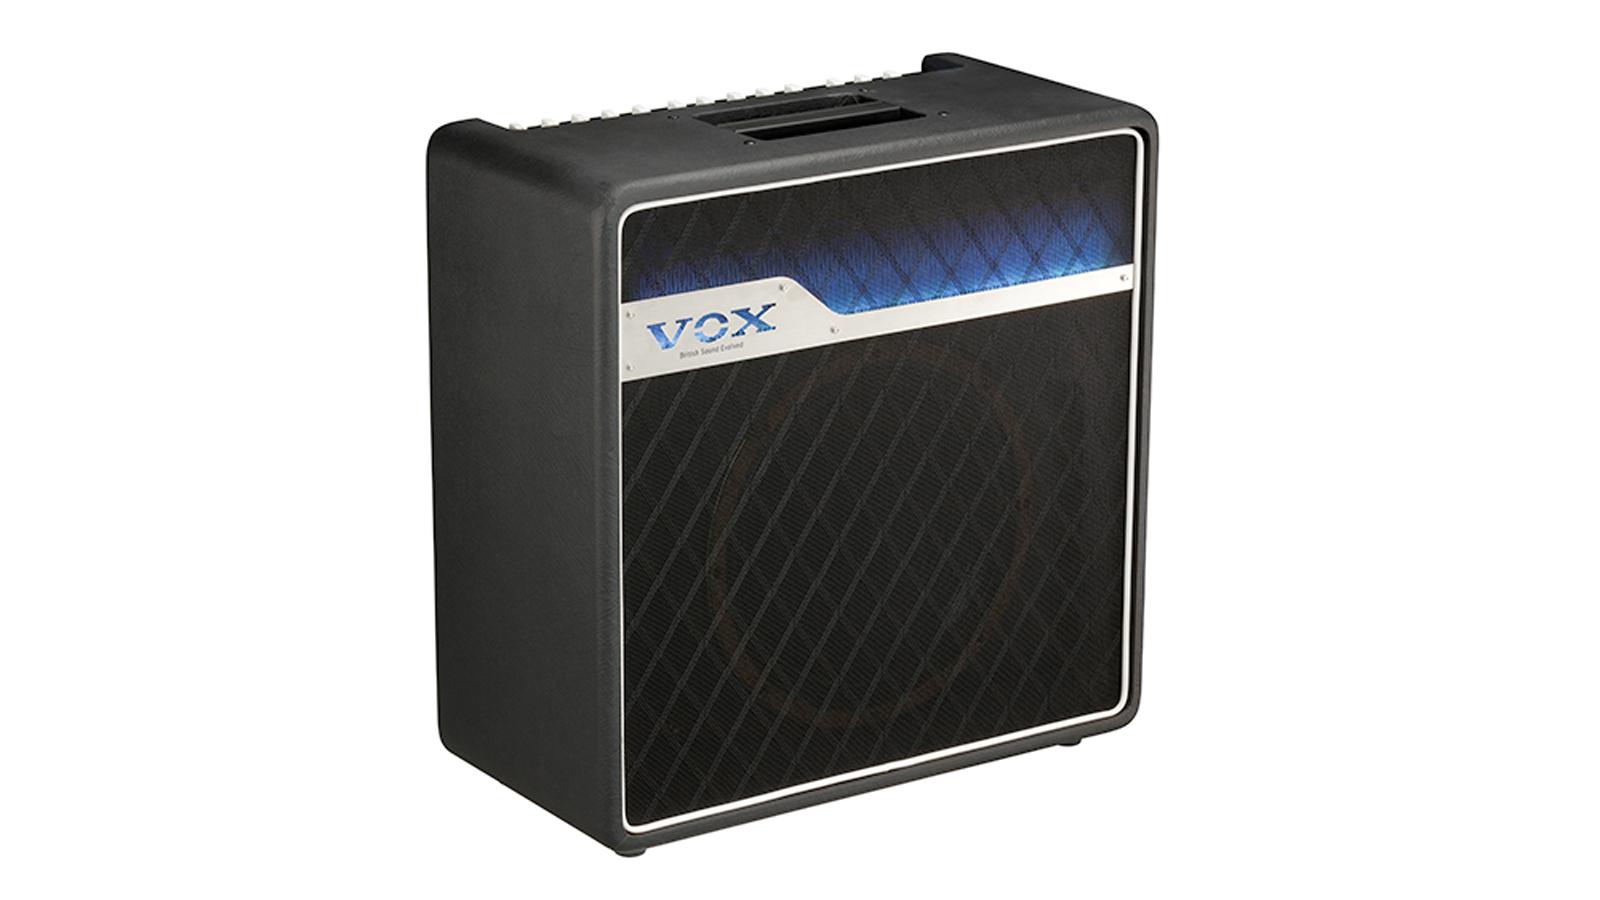 Vox MVX-150 C1 Vollröhren Combo